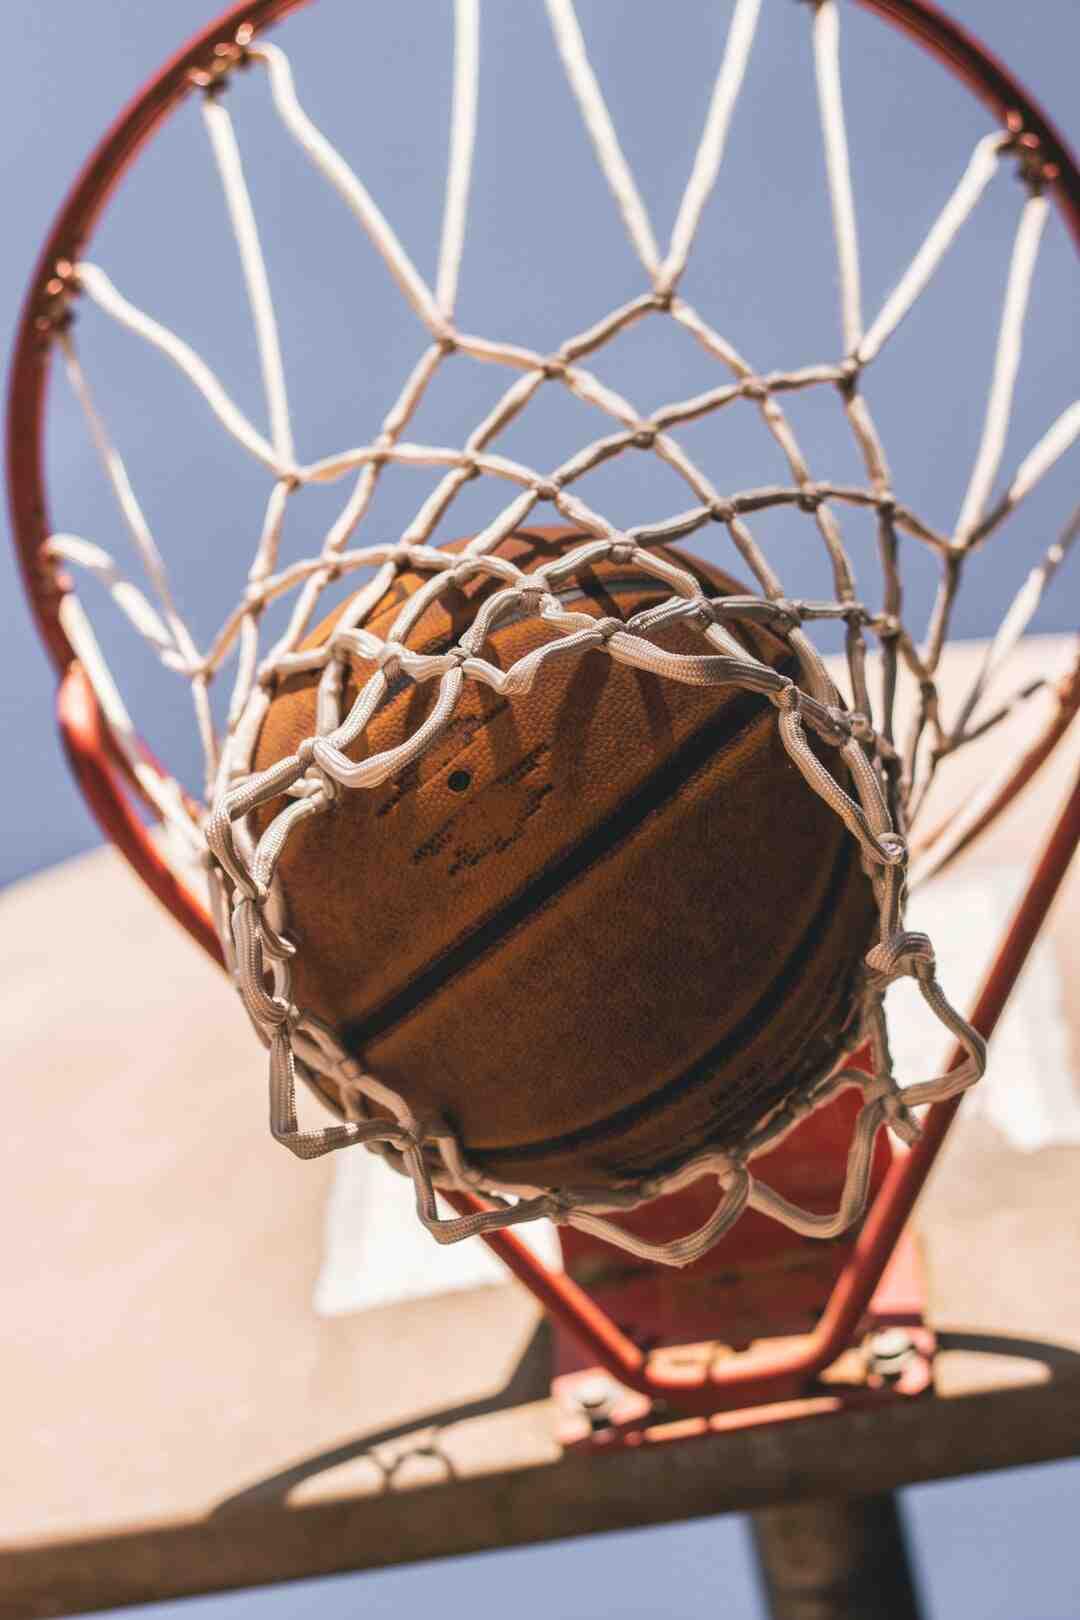 Quel sport pour s'affiner rapidement ?